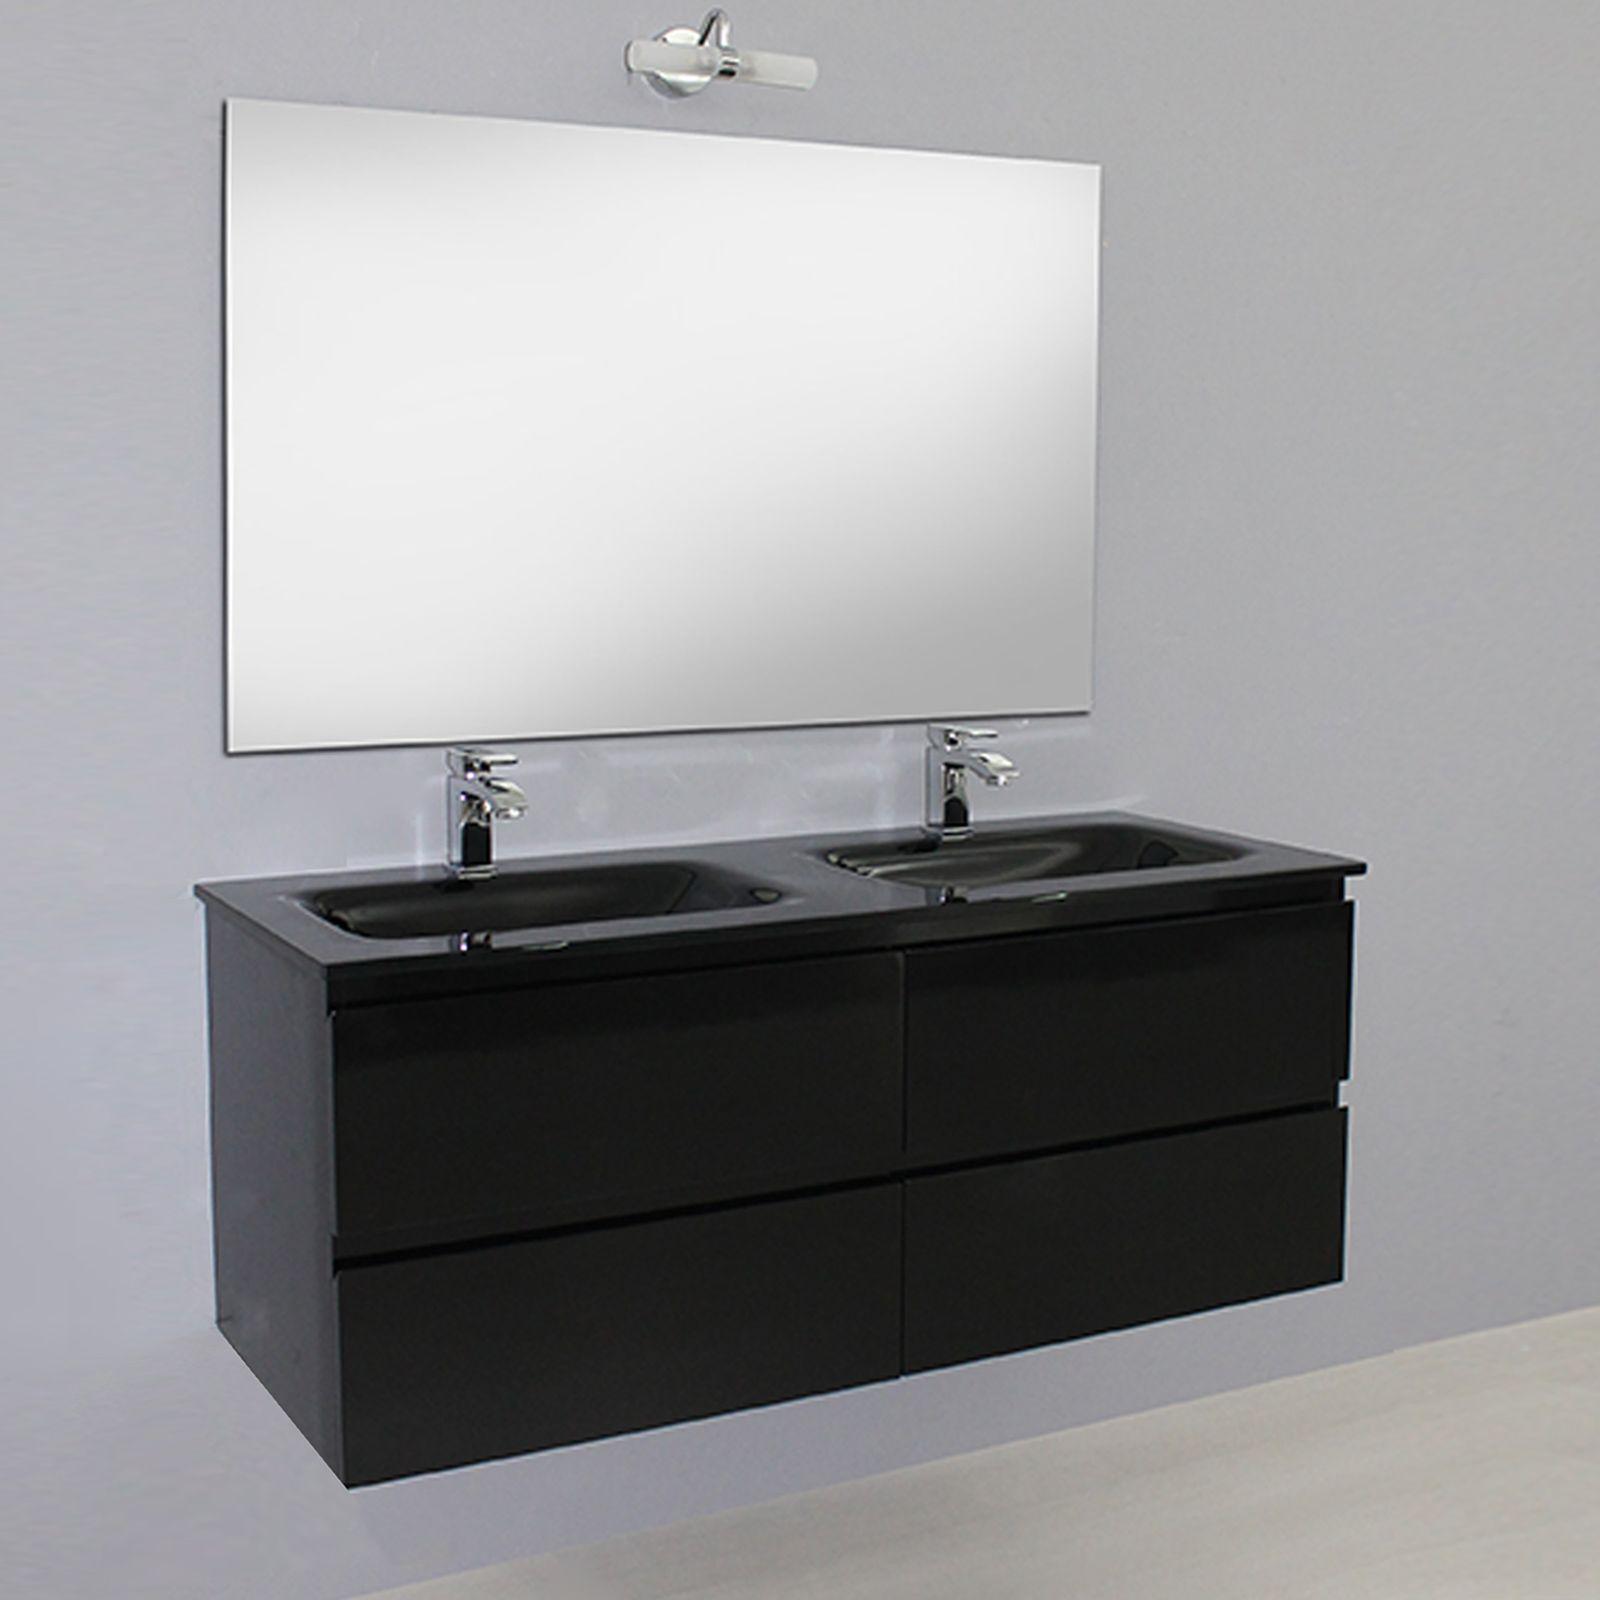 Arredo da bagno mobile bianco doppio lavabo cristallo 120 cm con specchio ebay - Lavabo bagno prezzi ...